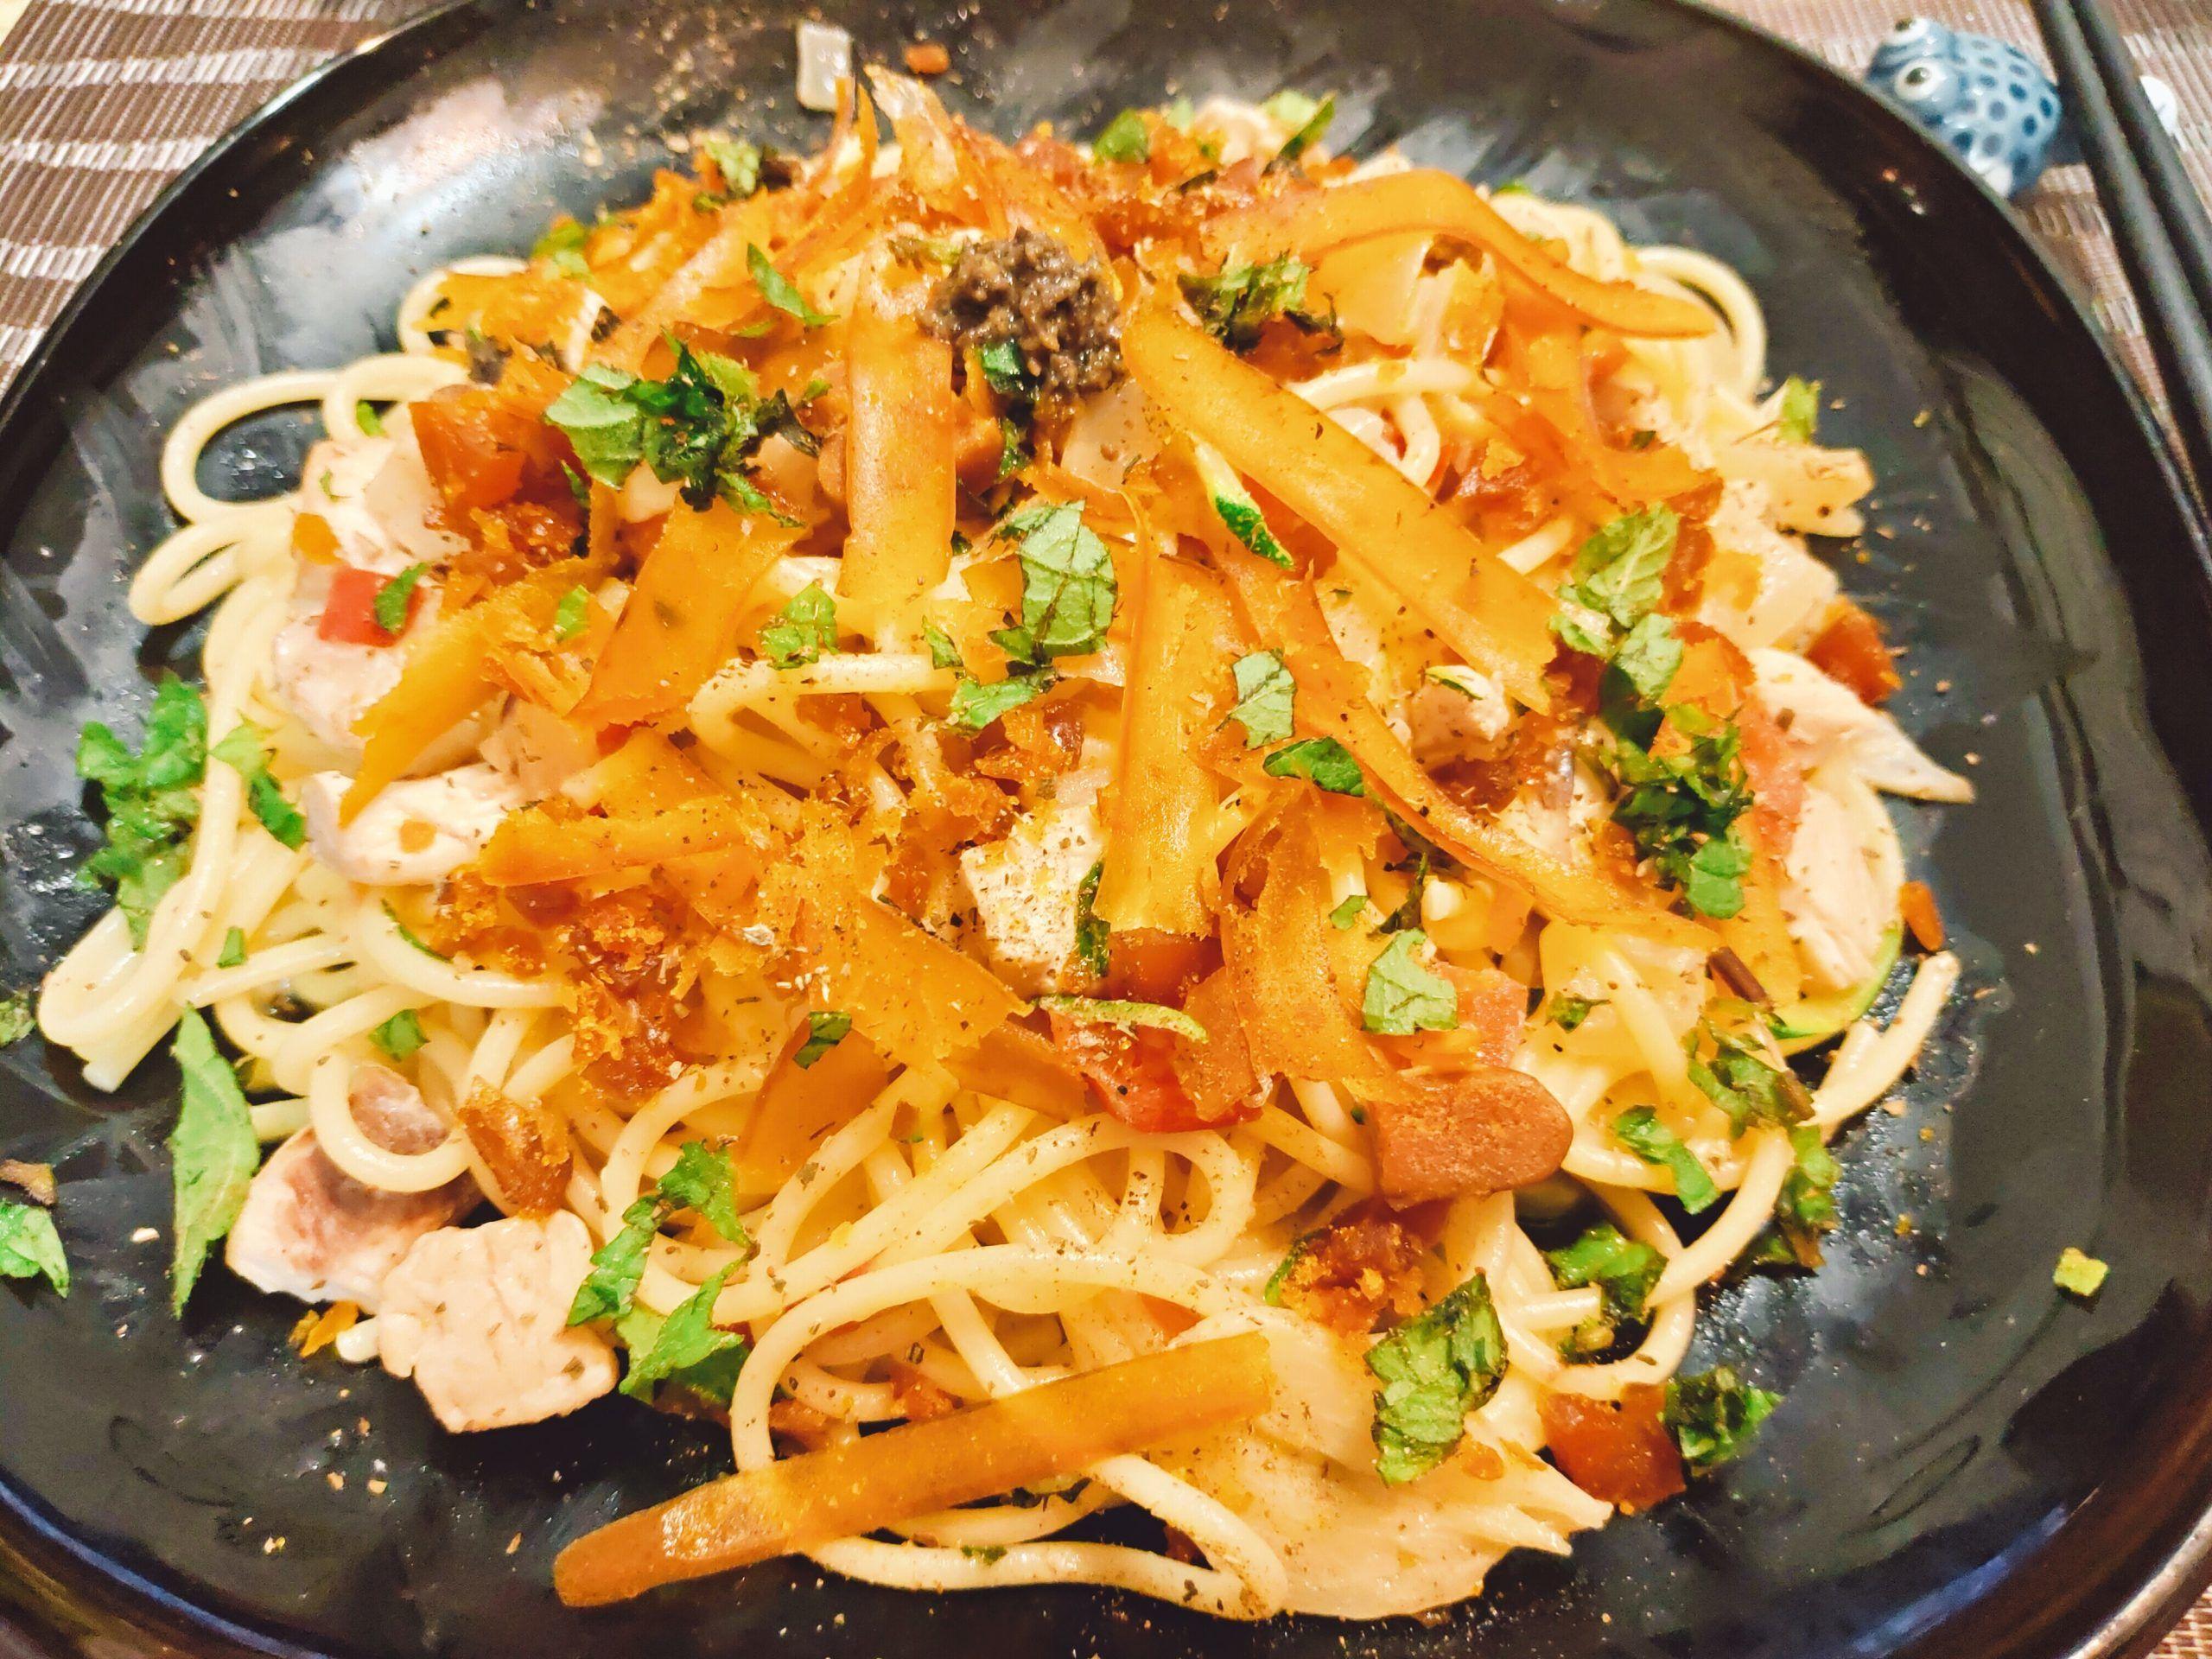 【食譜】松露烏魚子義大利麵|零失敗簡易料理,烏魚子與松露共舞的美味